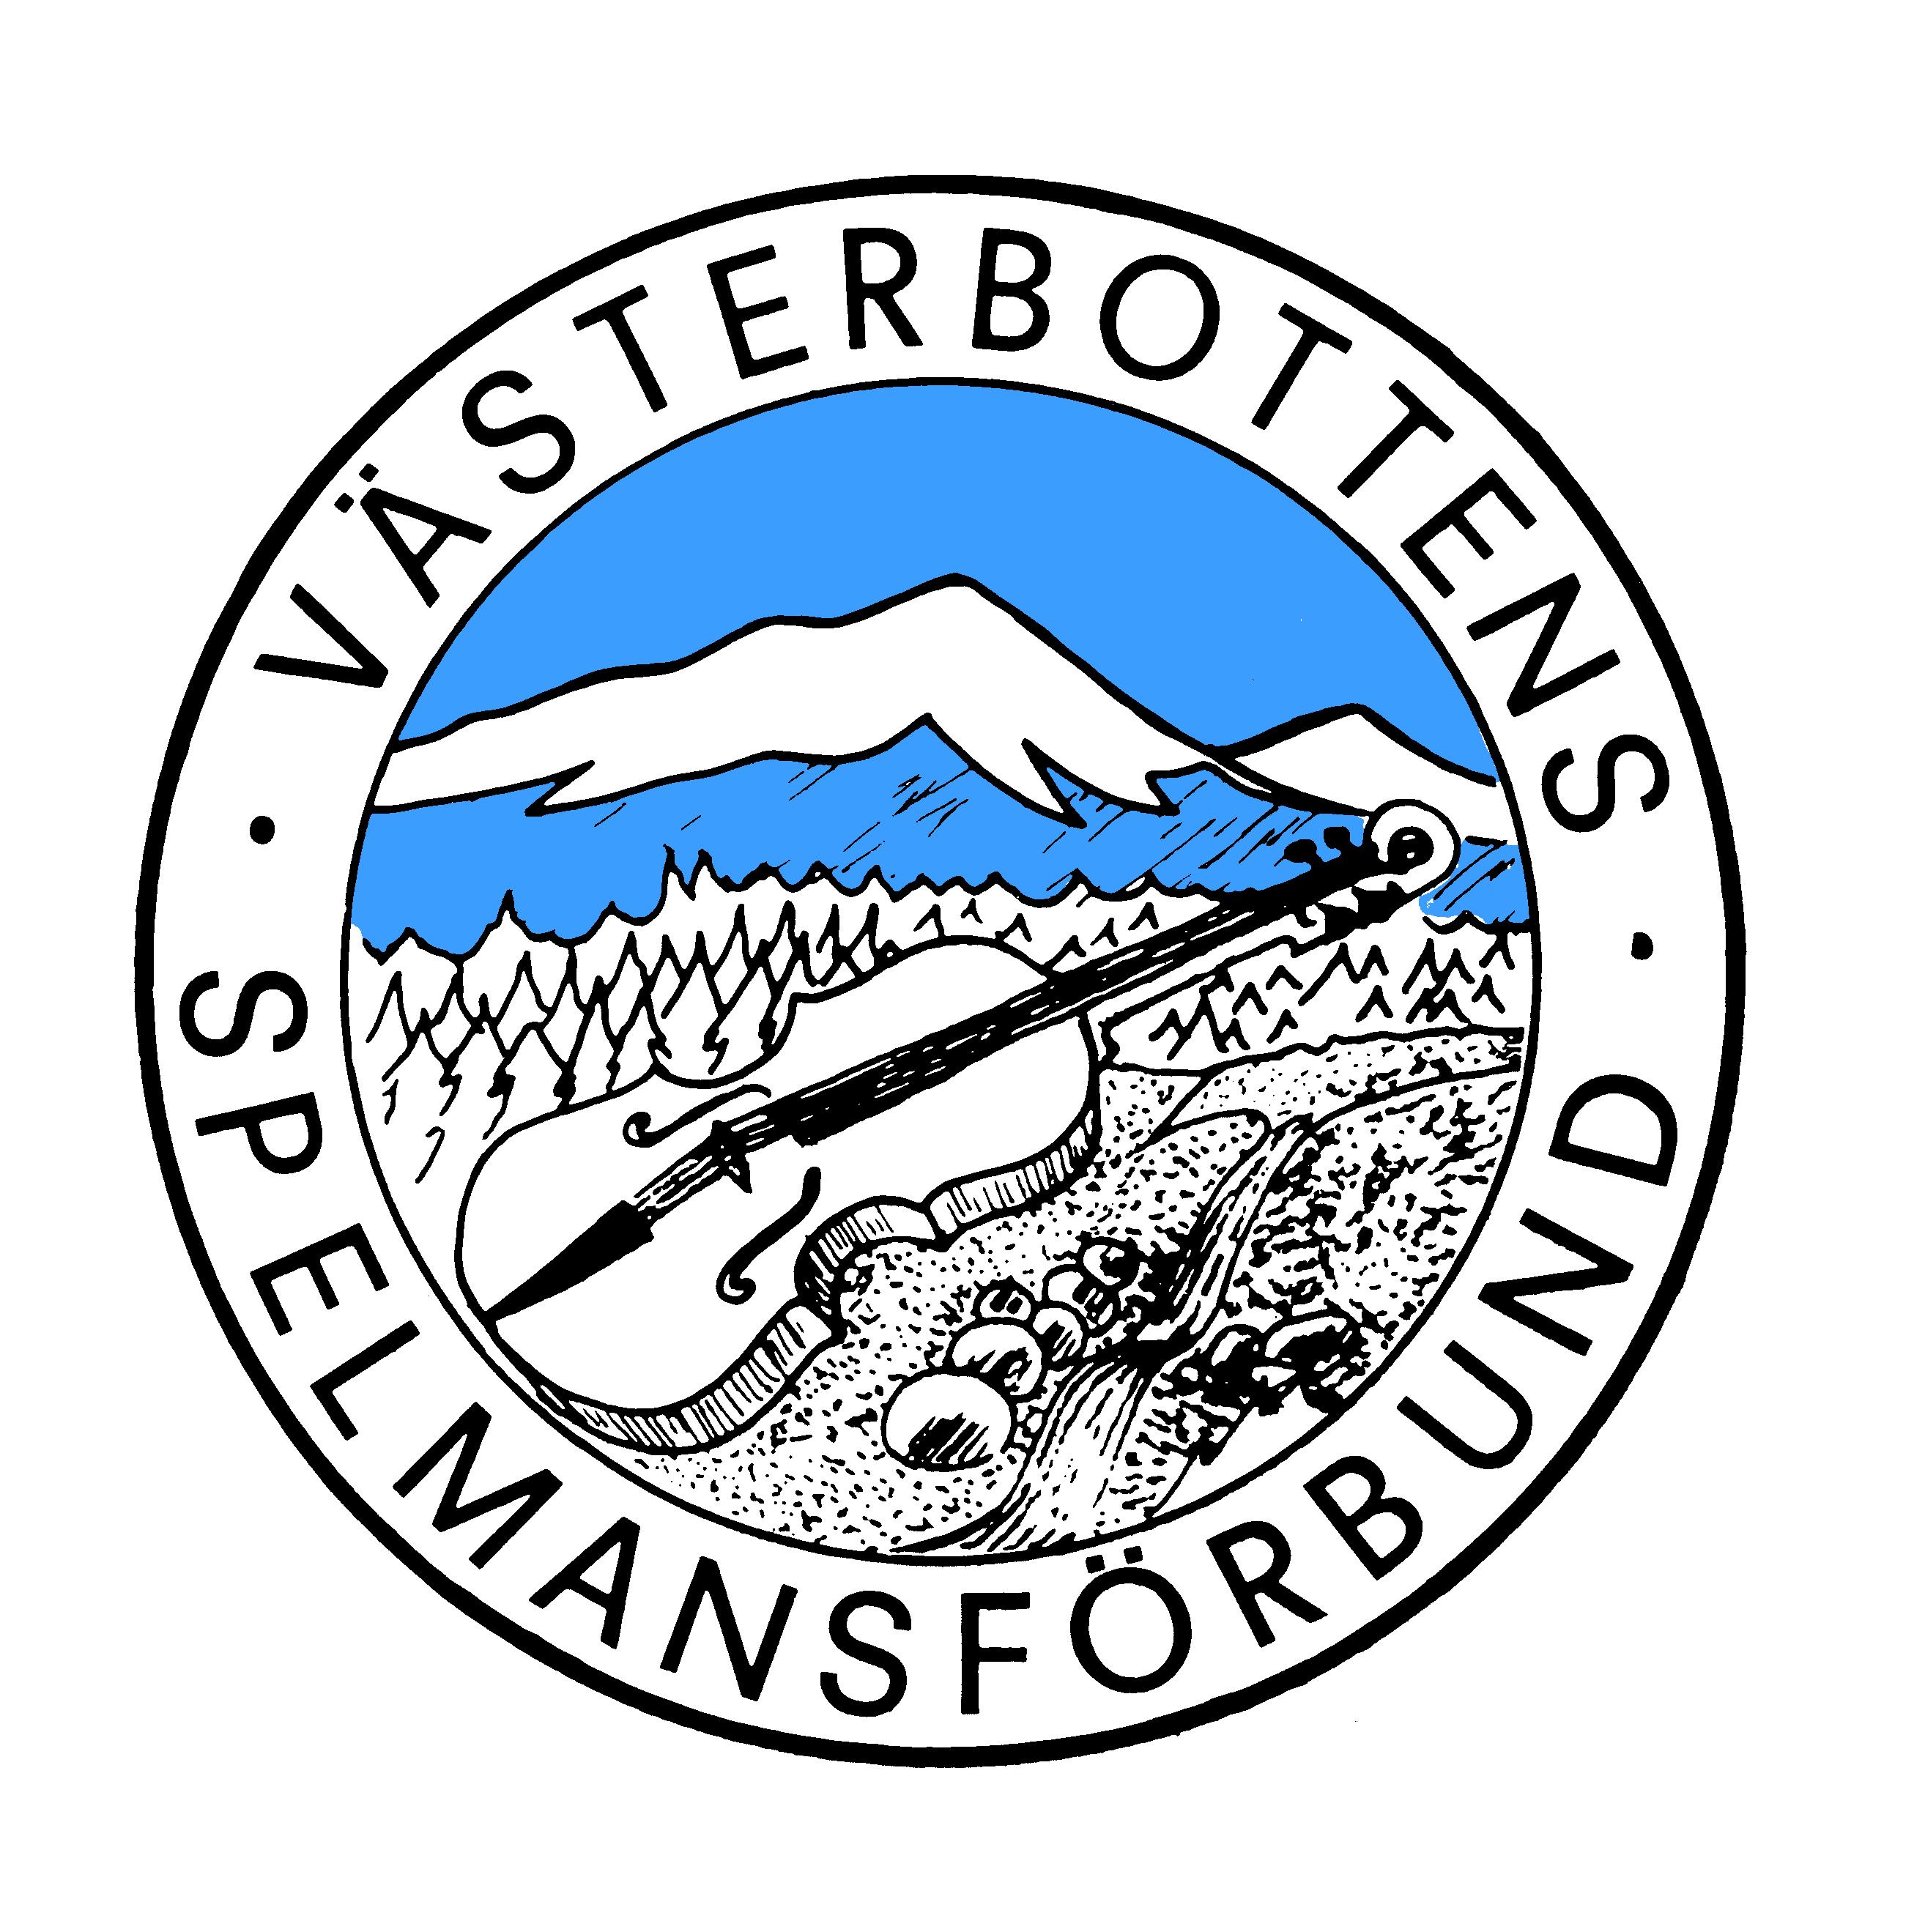 Västerbottens Spelmansförbund